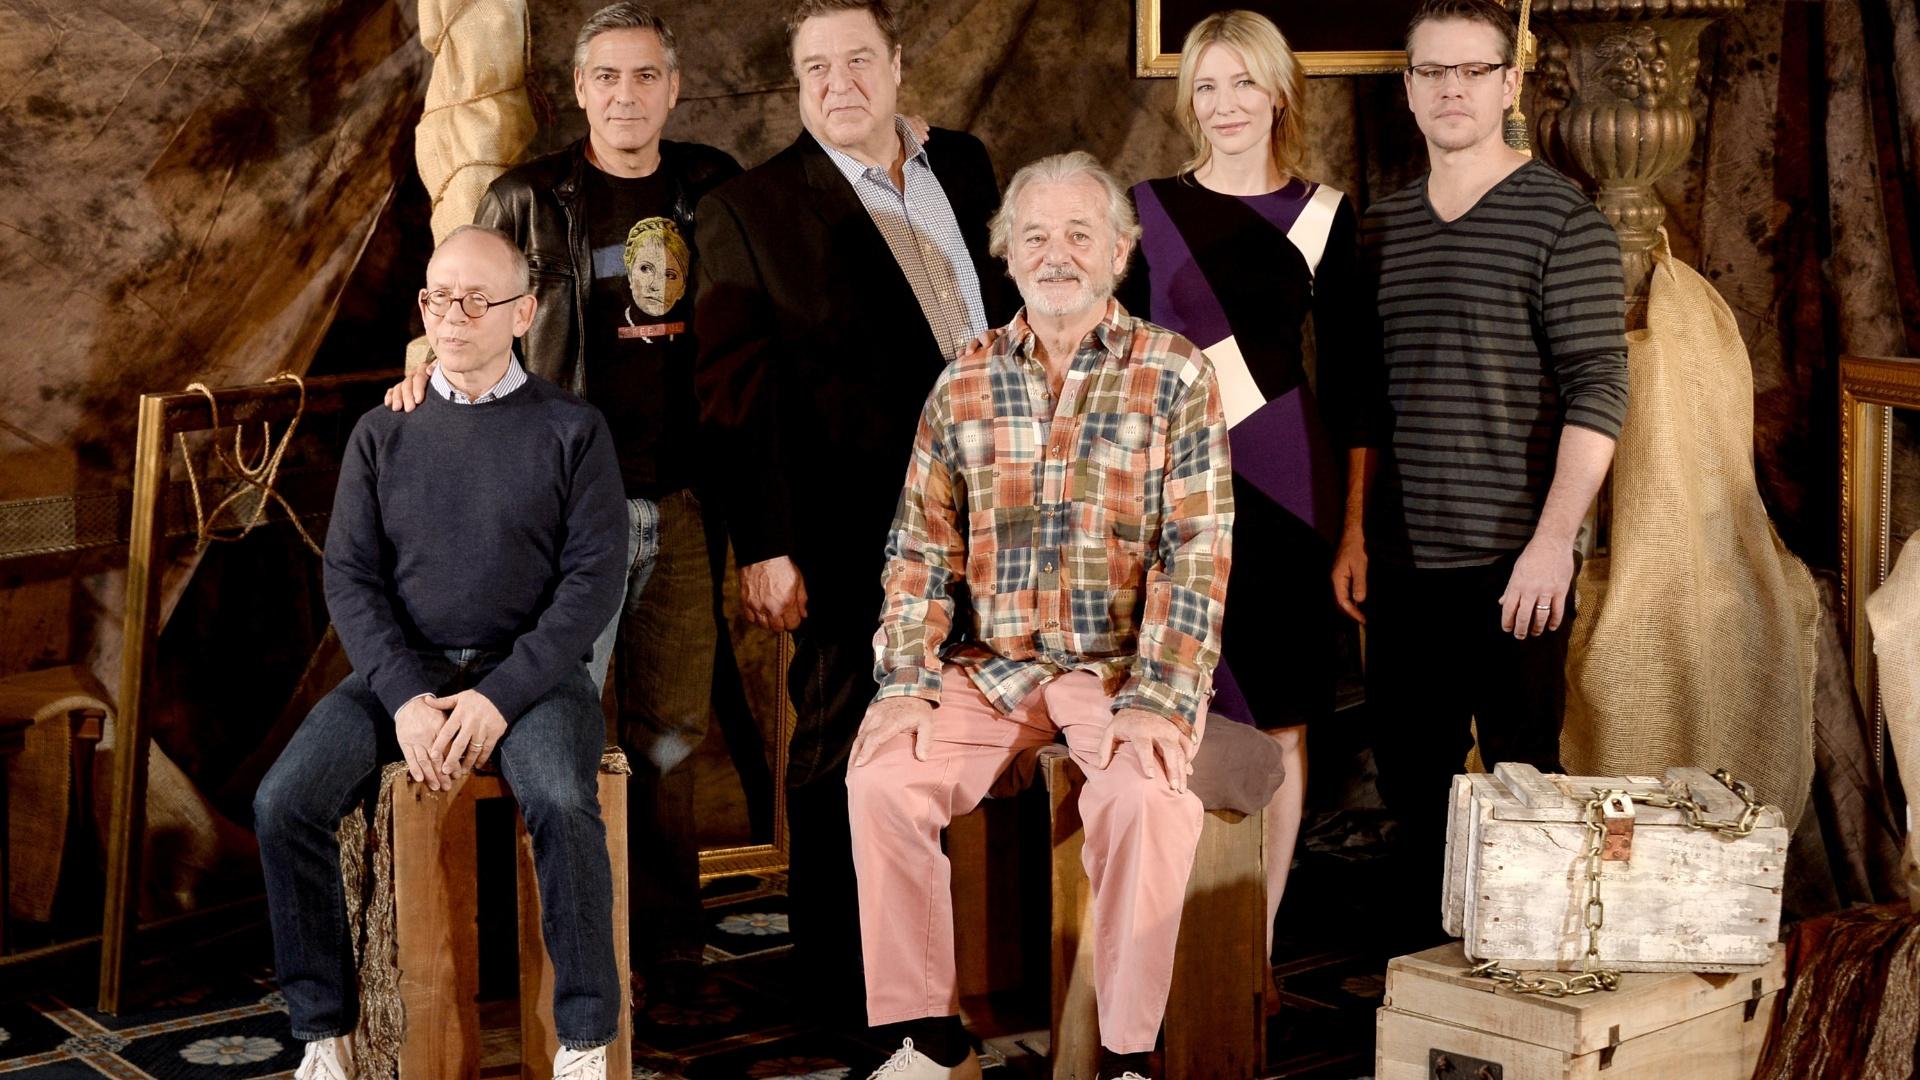 16.jan.2013 - Os atores Bob Balaban, George Clooney, John Goodman, Bill Murray, Cate Blanchett e Matt Damon (da esq. para a dir.) posam para fotos em evento de imprensa do filme